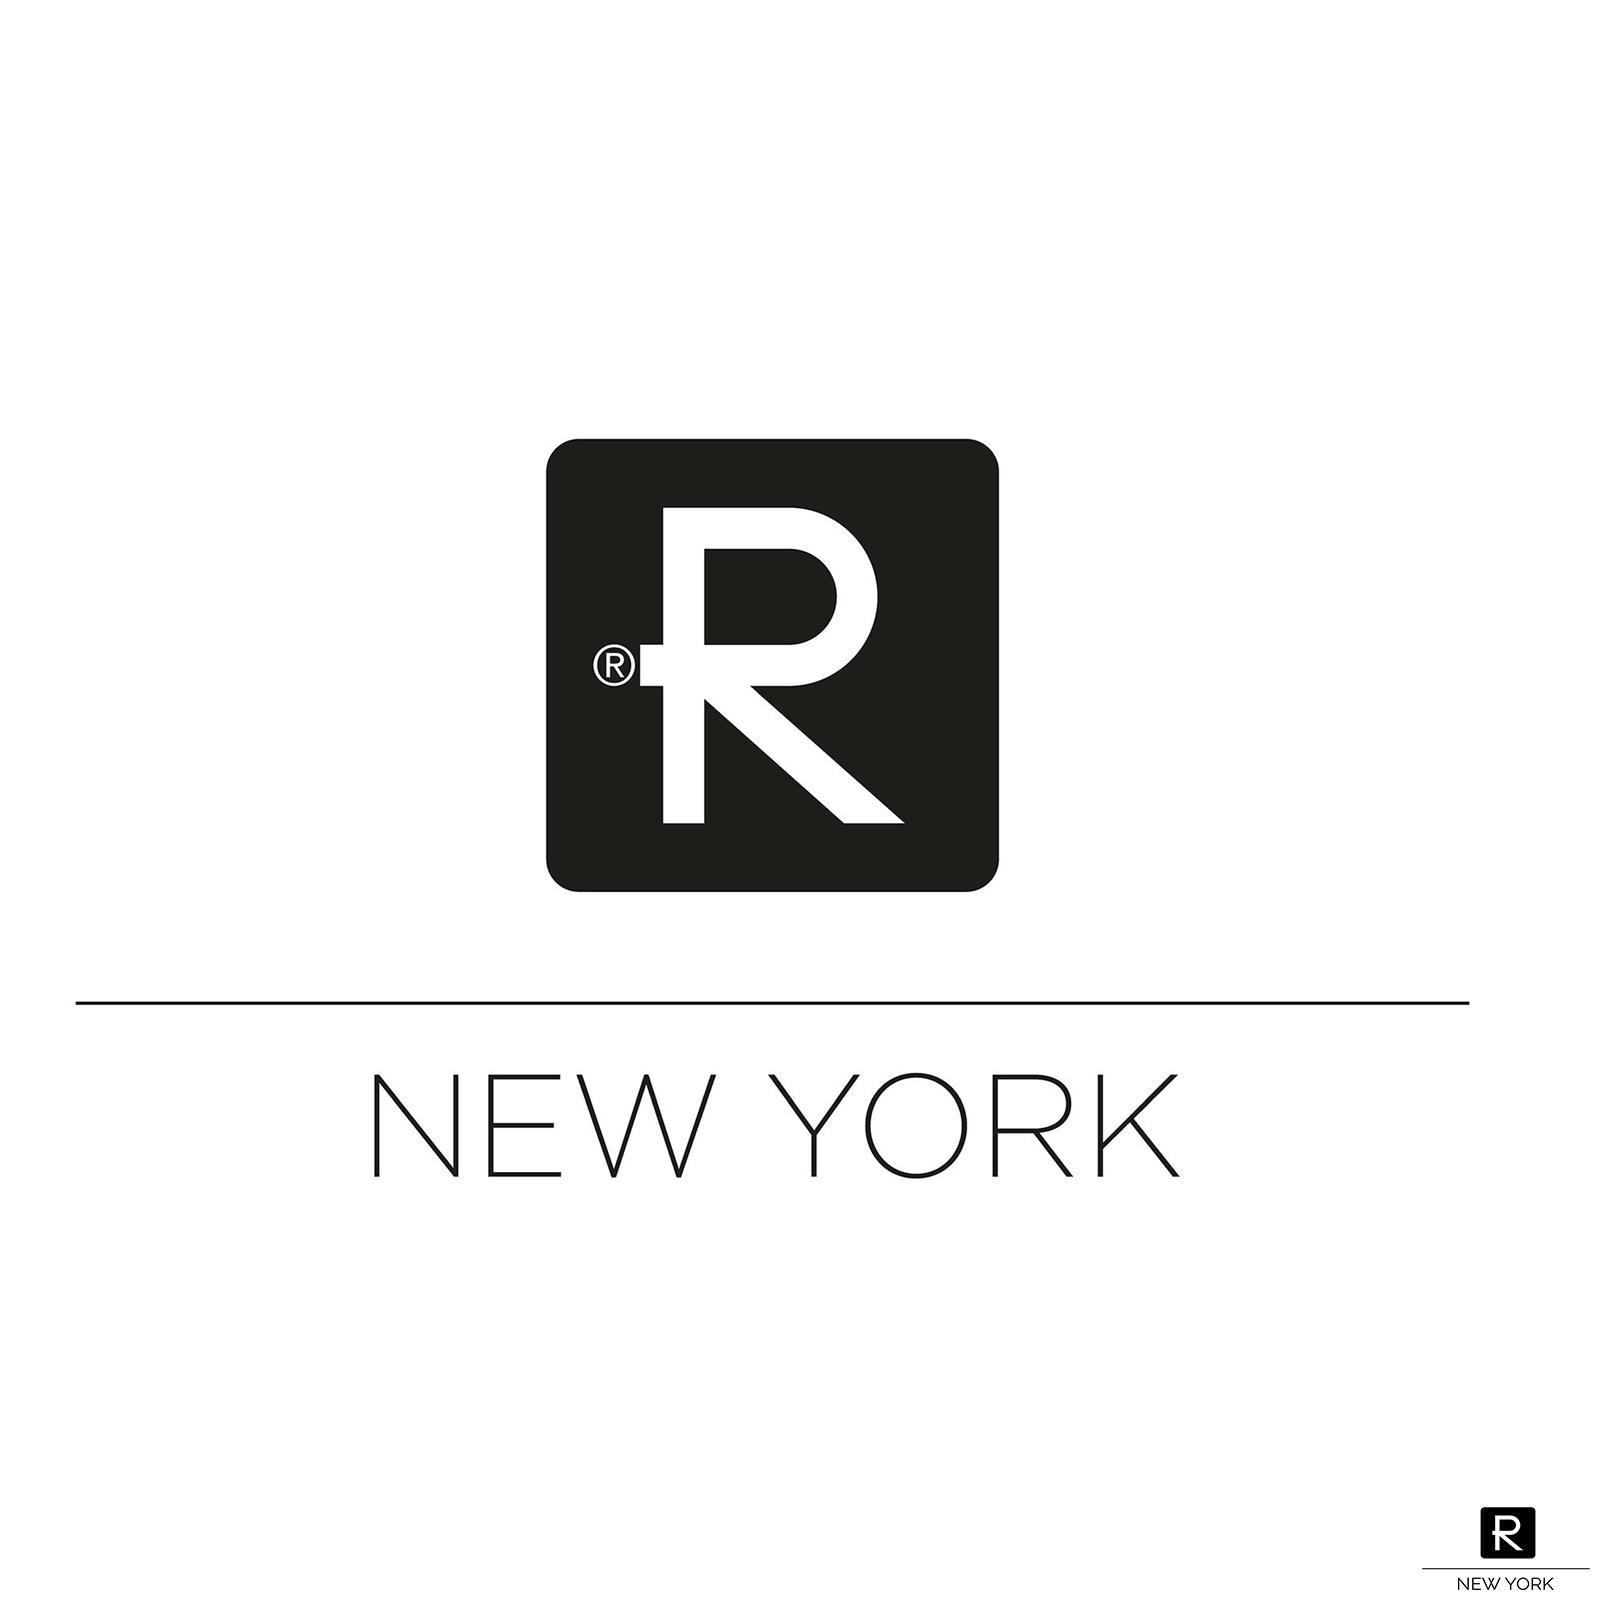 Yona Srour | R New York